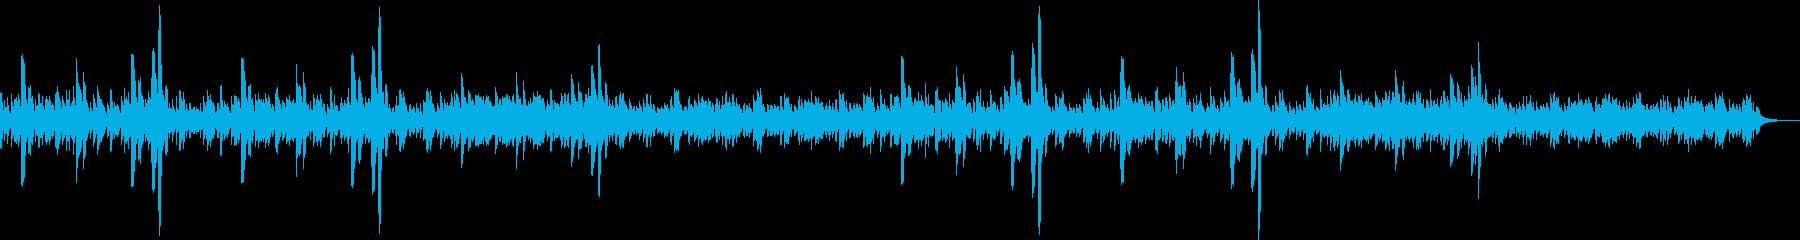 ピアノ・竪琴で幻想的なリラクゼーションの再生済みの波形